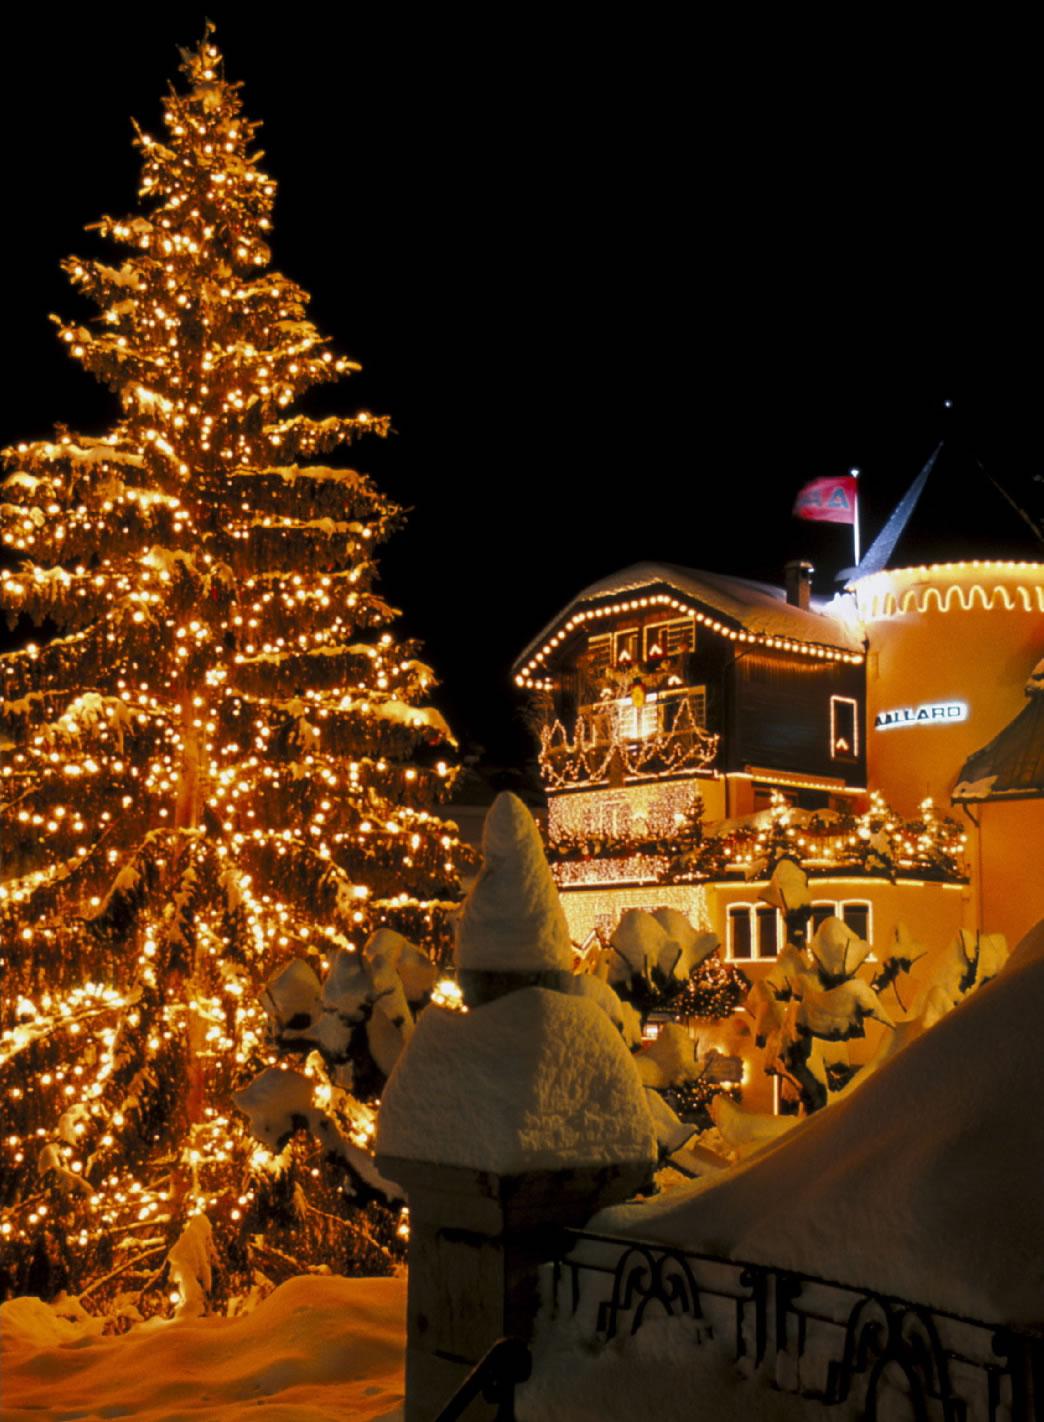 Die Straßen vom Schnee bedeckt und der Weihnachtsbaum hell und prunkvoll geschmückt, machen die Straßen in der Megève Weihnachtlich.